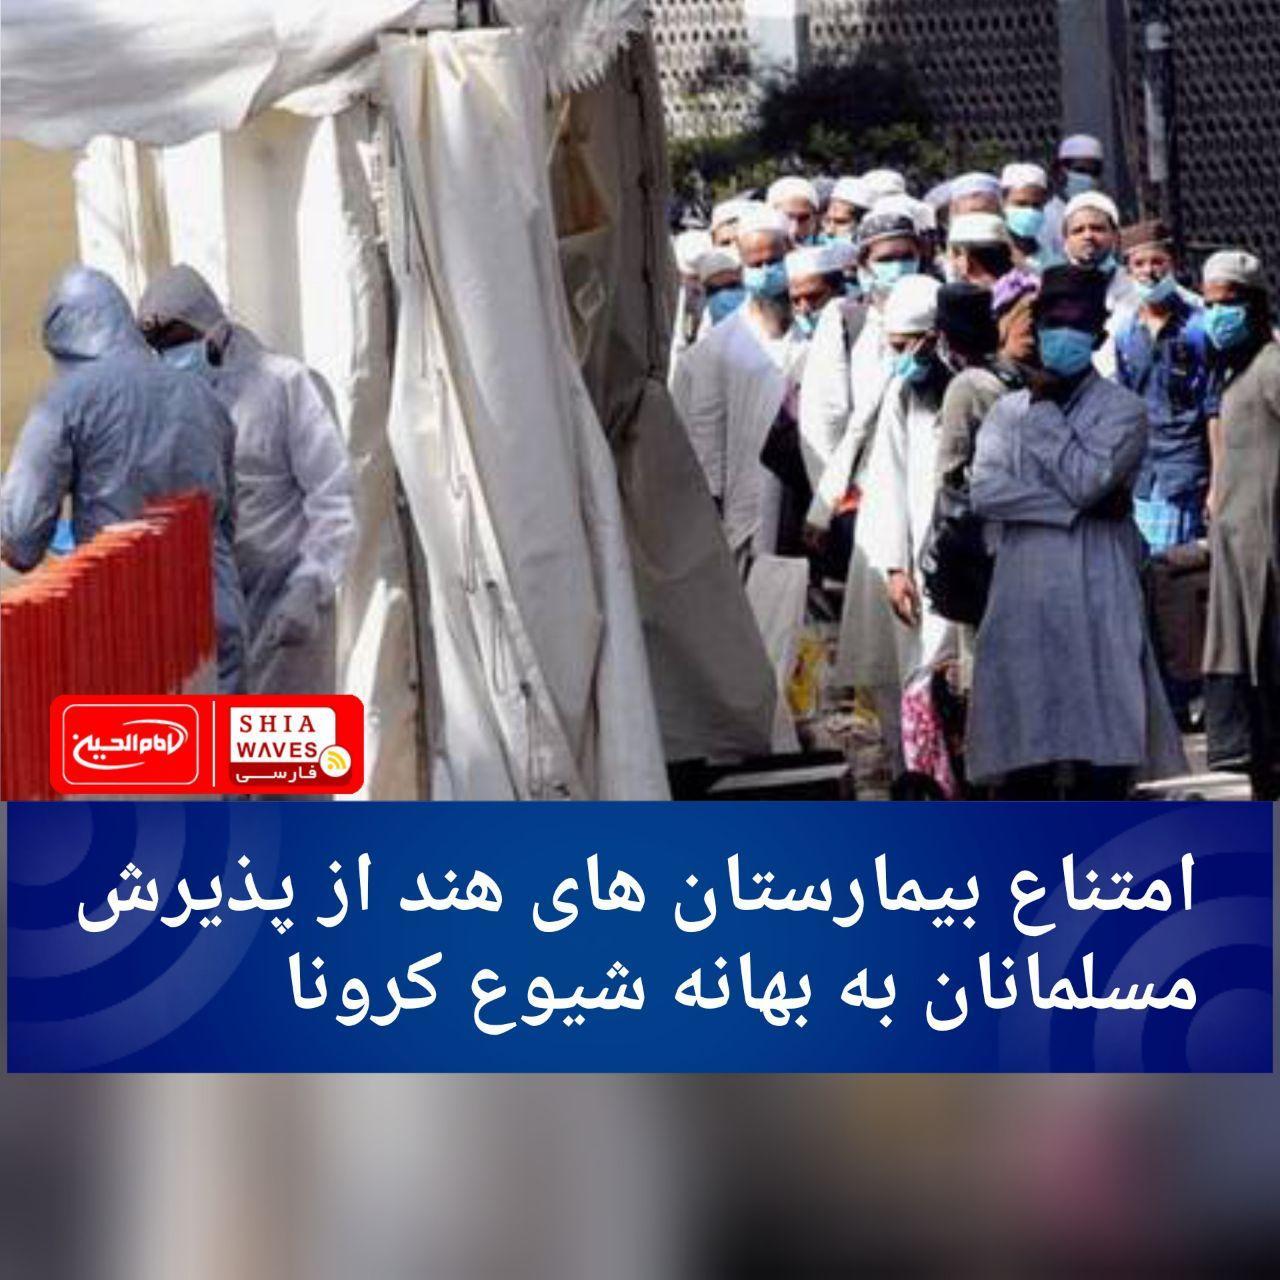 تصویر امتناع بیمارستان های هند از پذیرش مسلمانان به بهانه شیوع کرونا